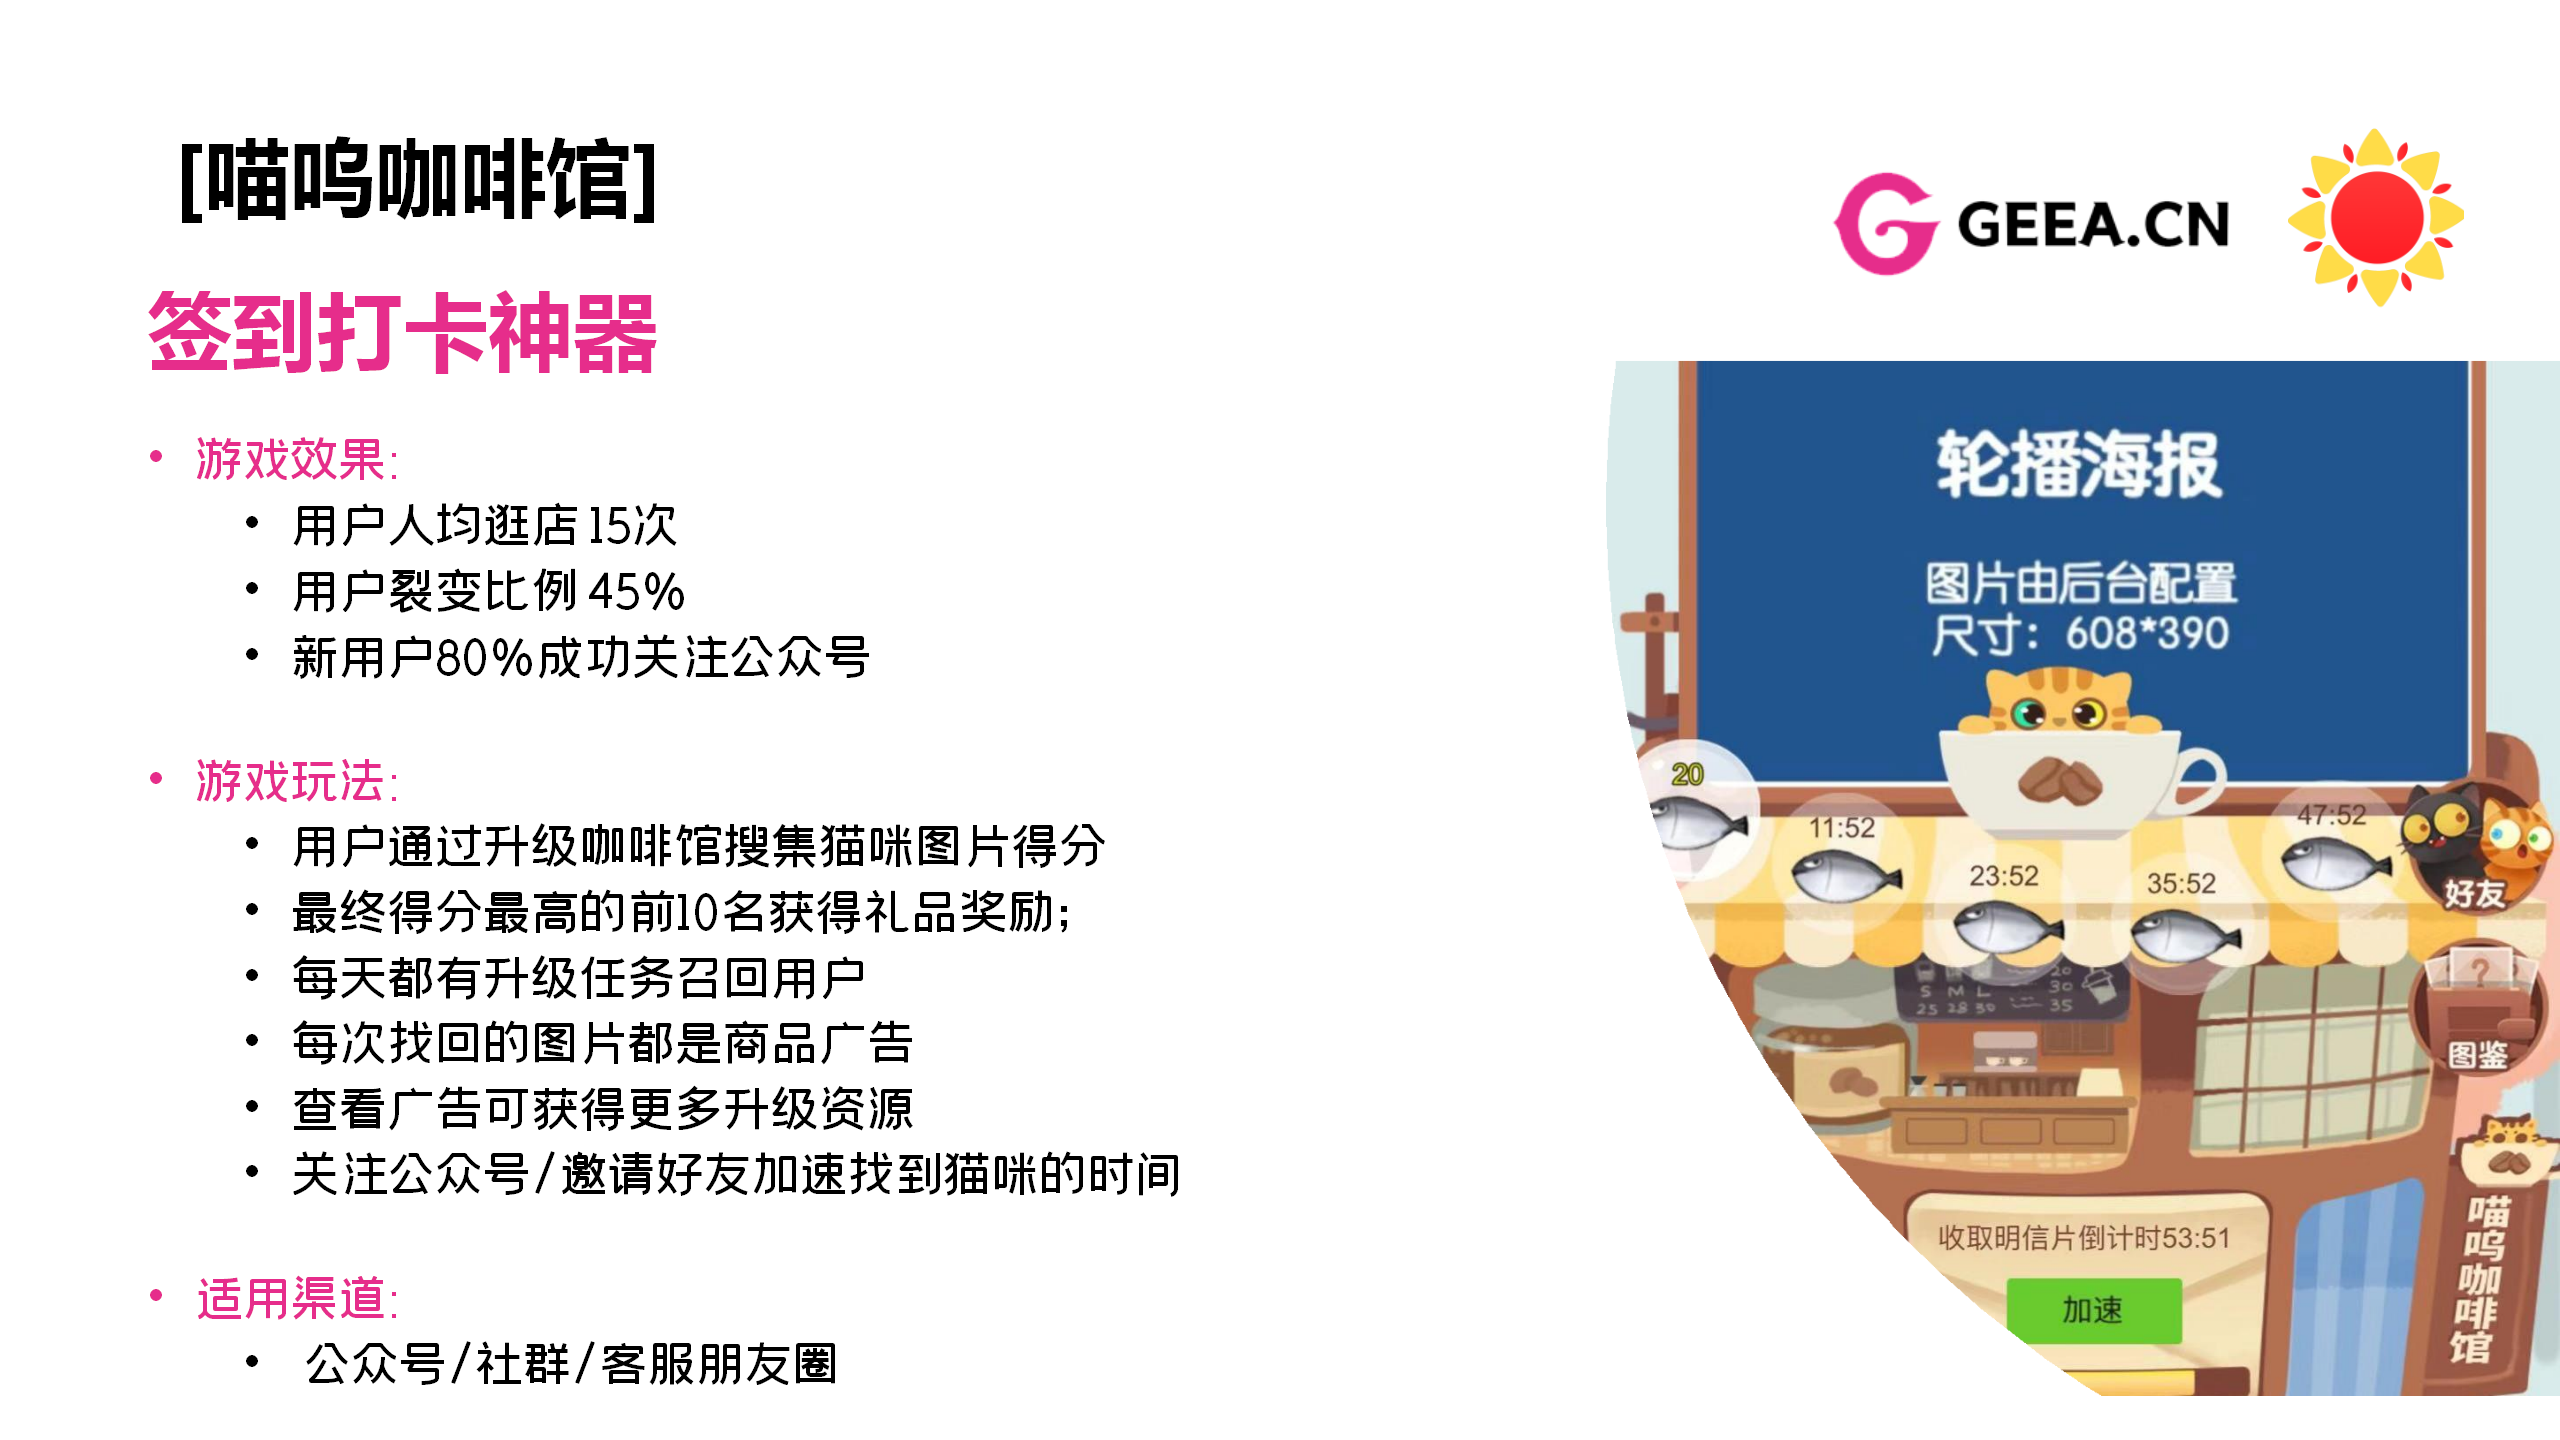 集亚营销游戏案例整理_04.png